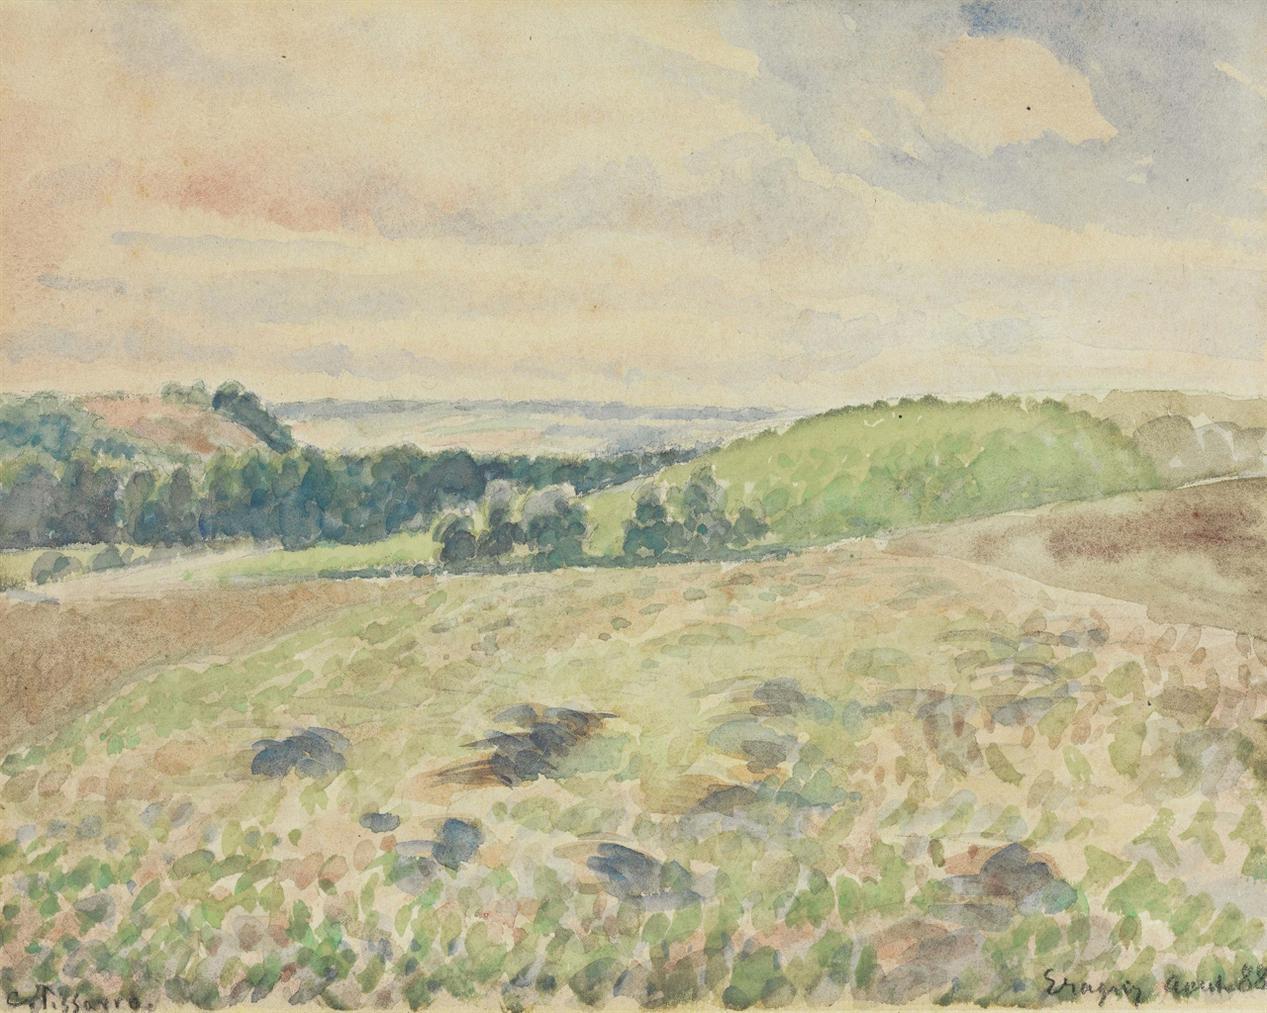 Camille Pissarro-Terrain Laboure-1888